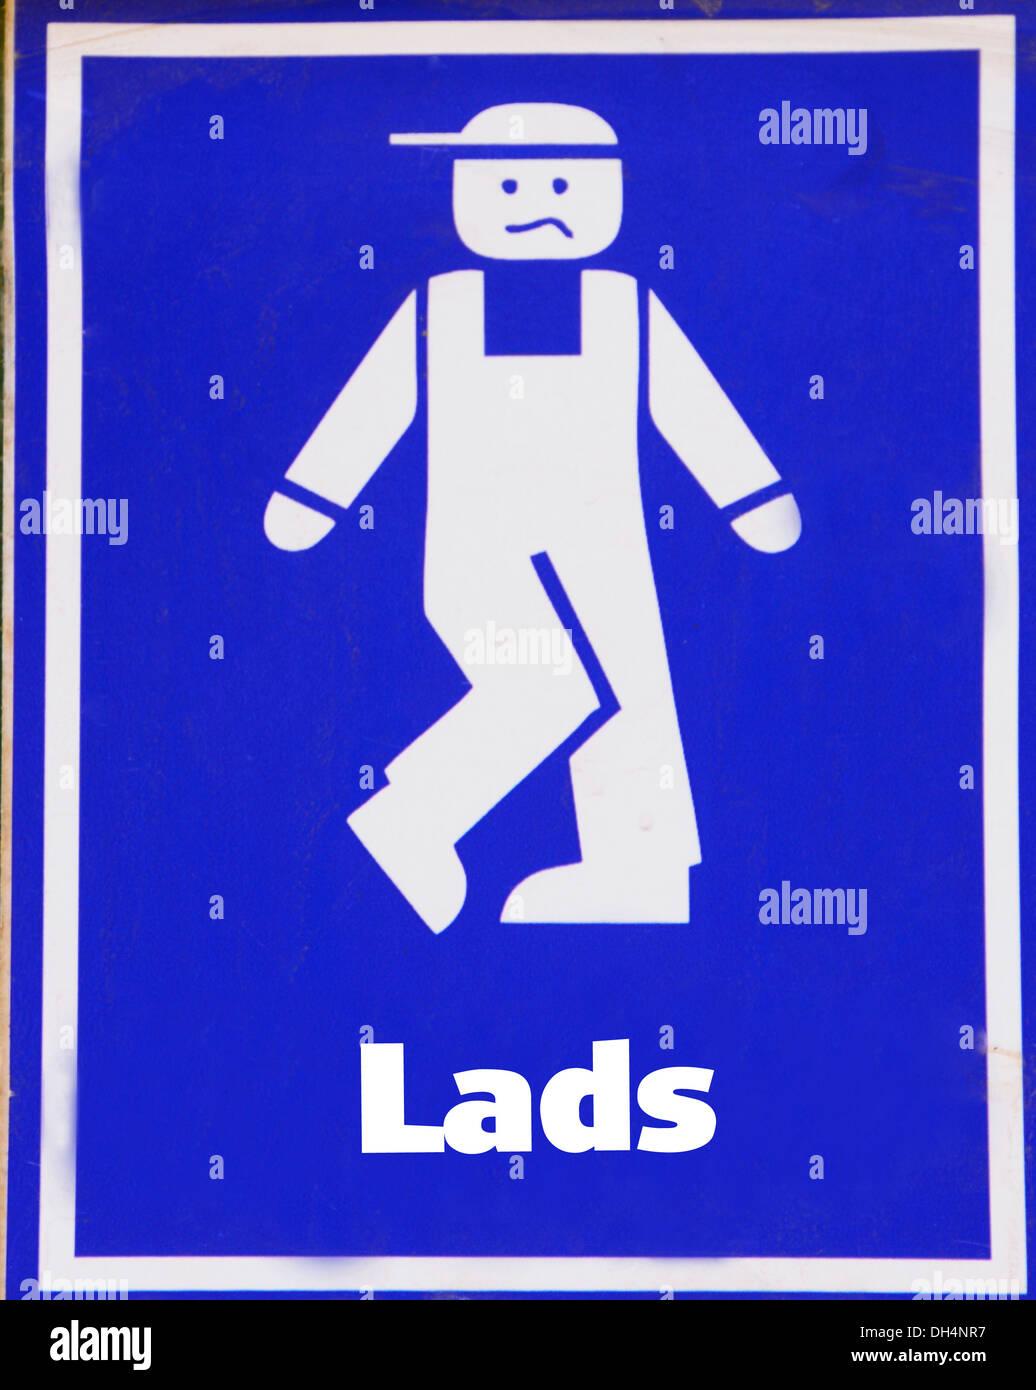 Amusing 'Gent Toilet' signage. - Stock Image